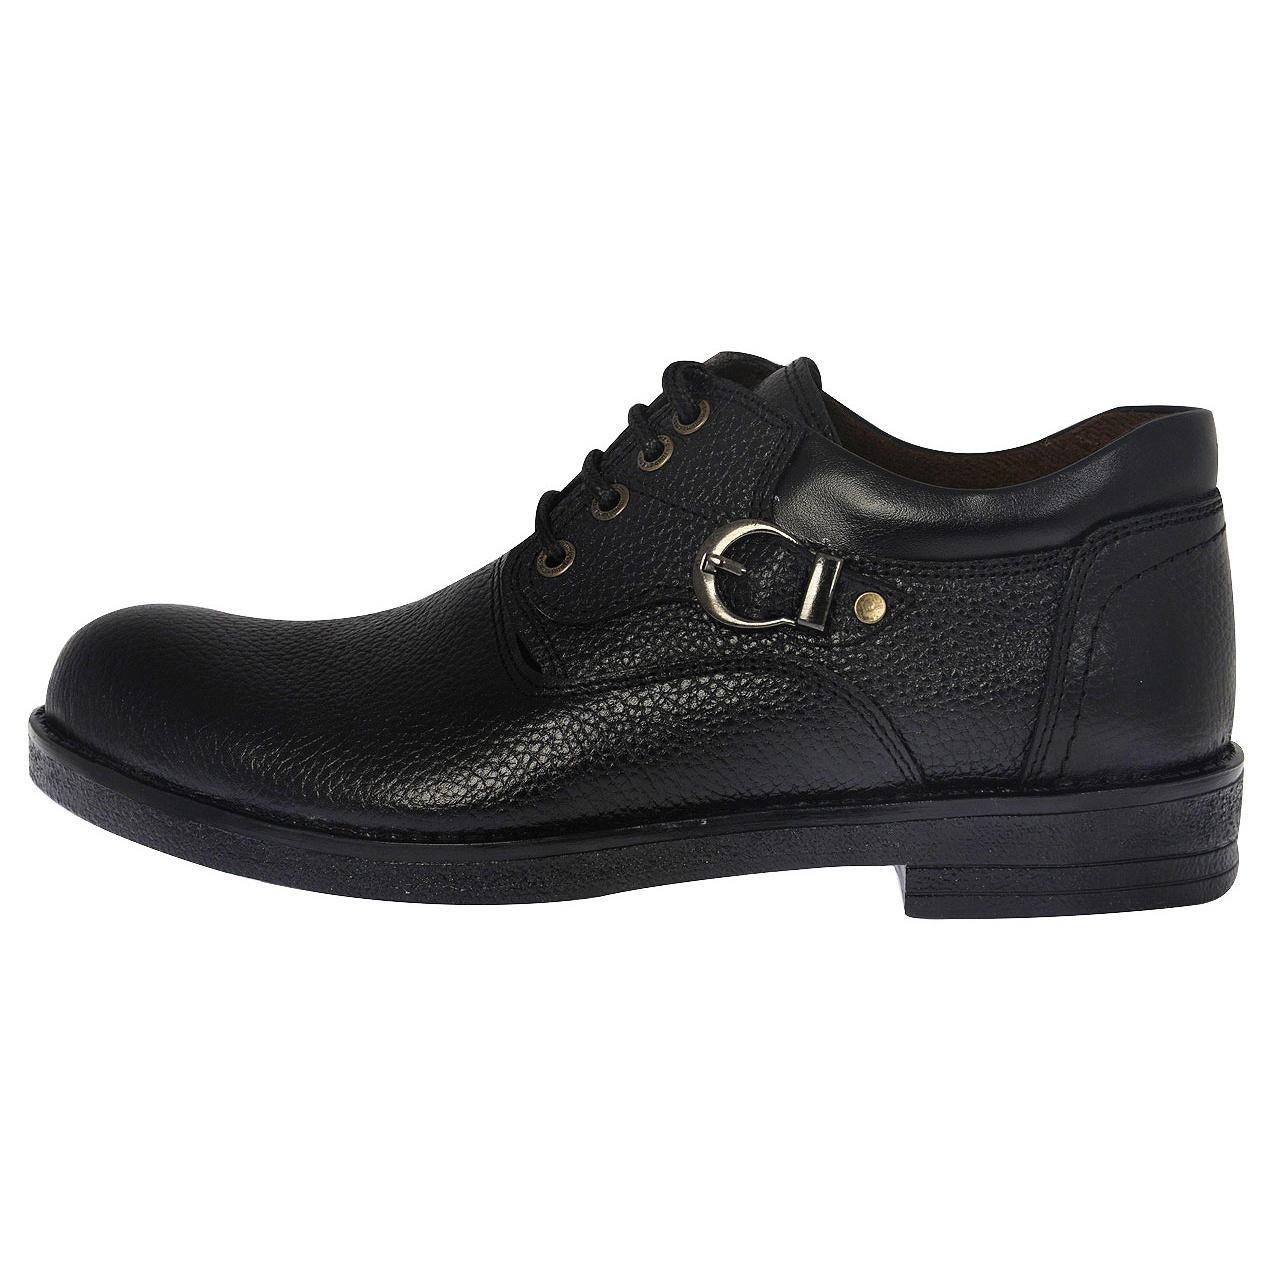 کفش مردانه کد 324001702